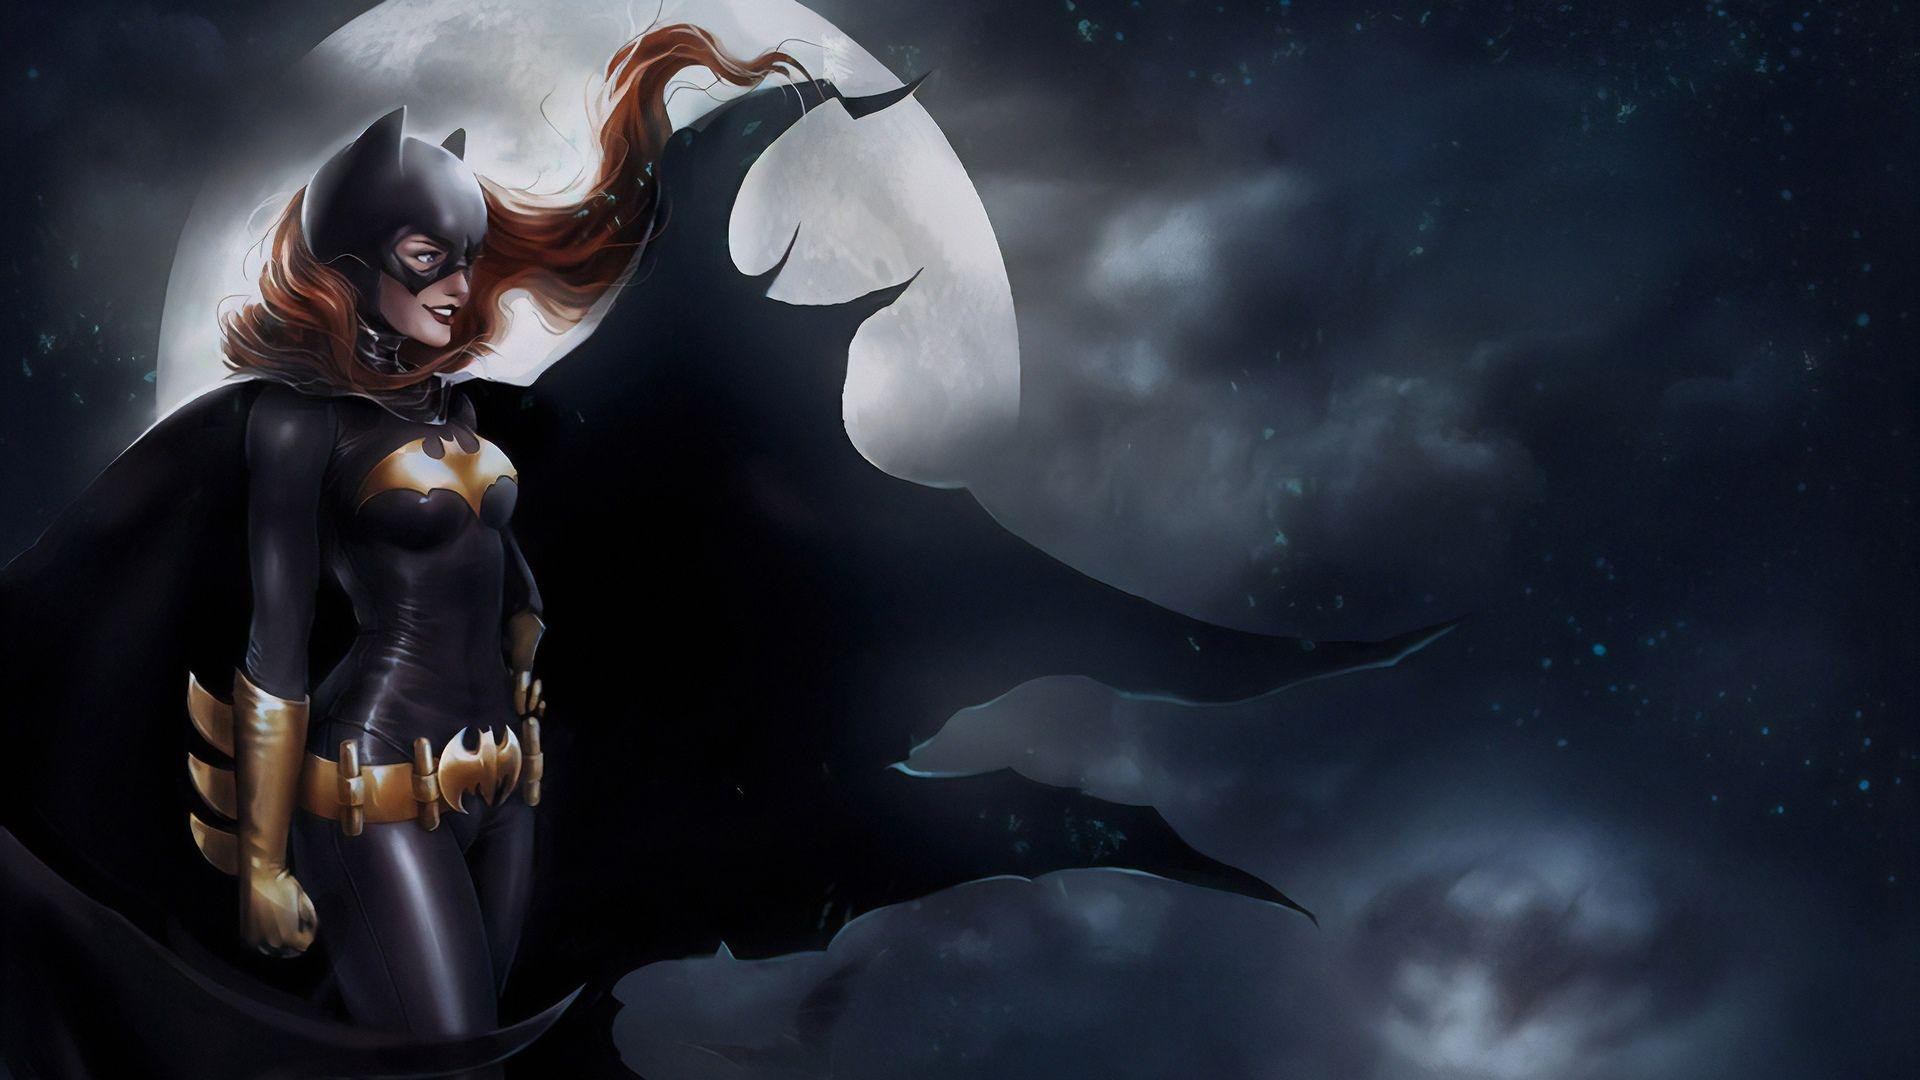 Batwoman 4k Art Do Wallpapers Background Wallpaper Hd Original Resolution Downloads From The Link Batwoman Art Superhero